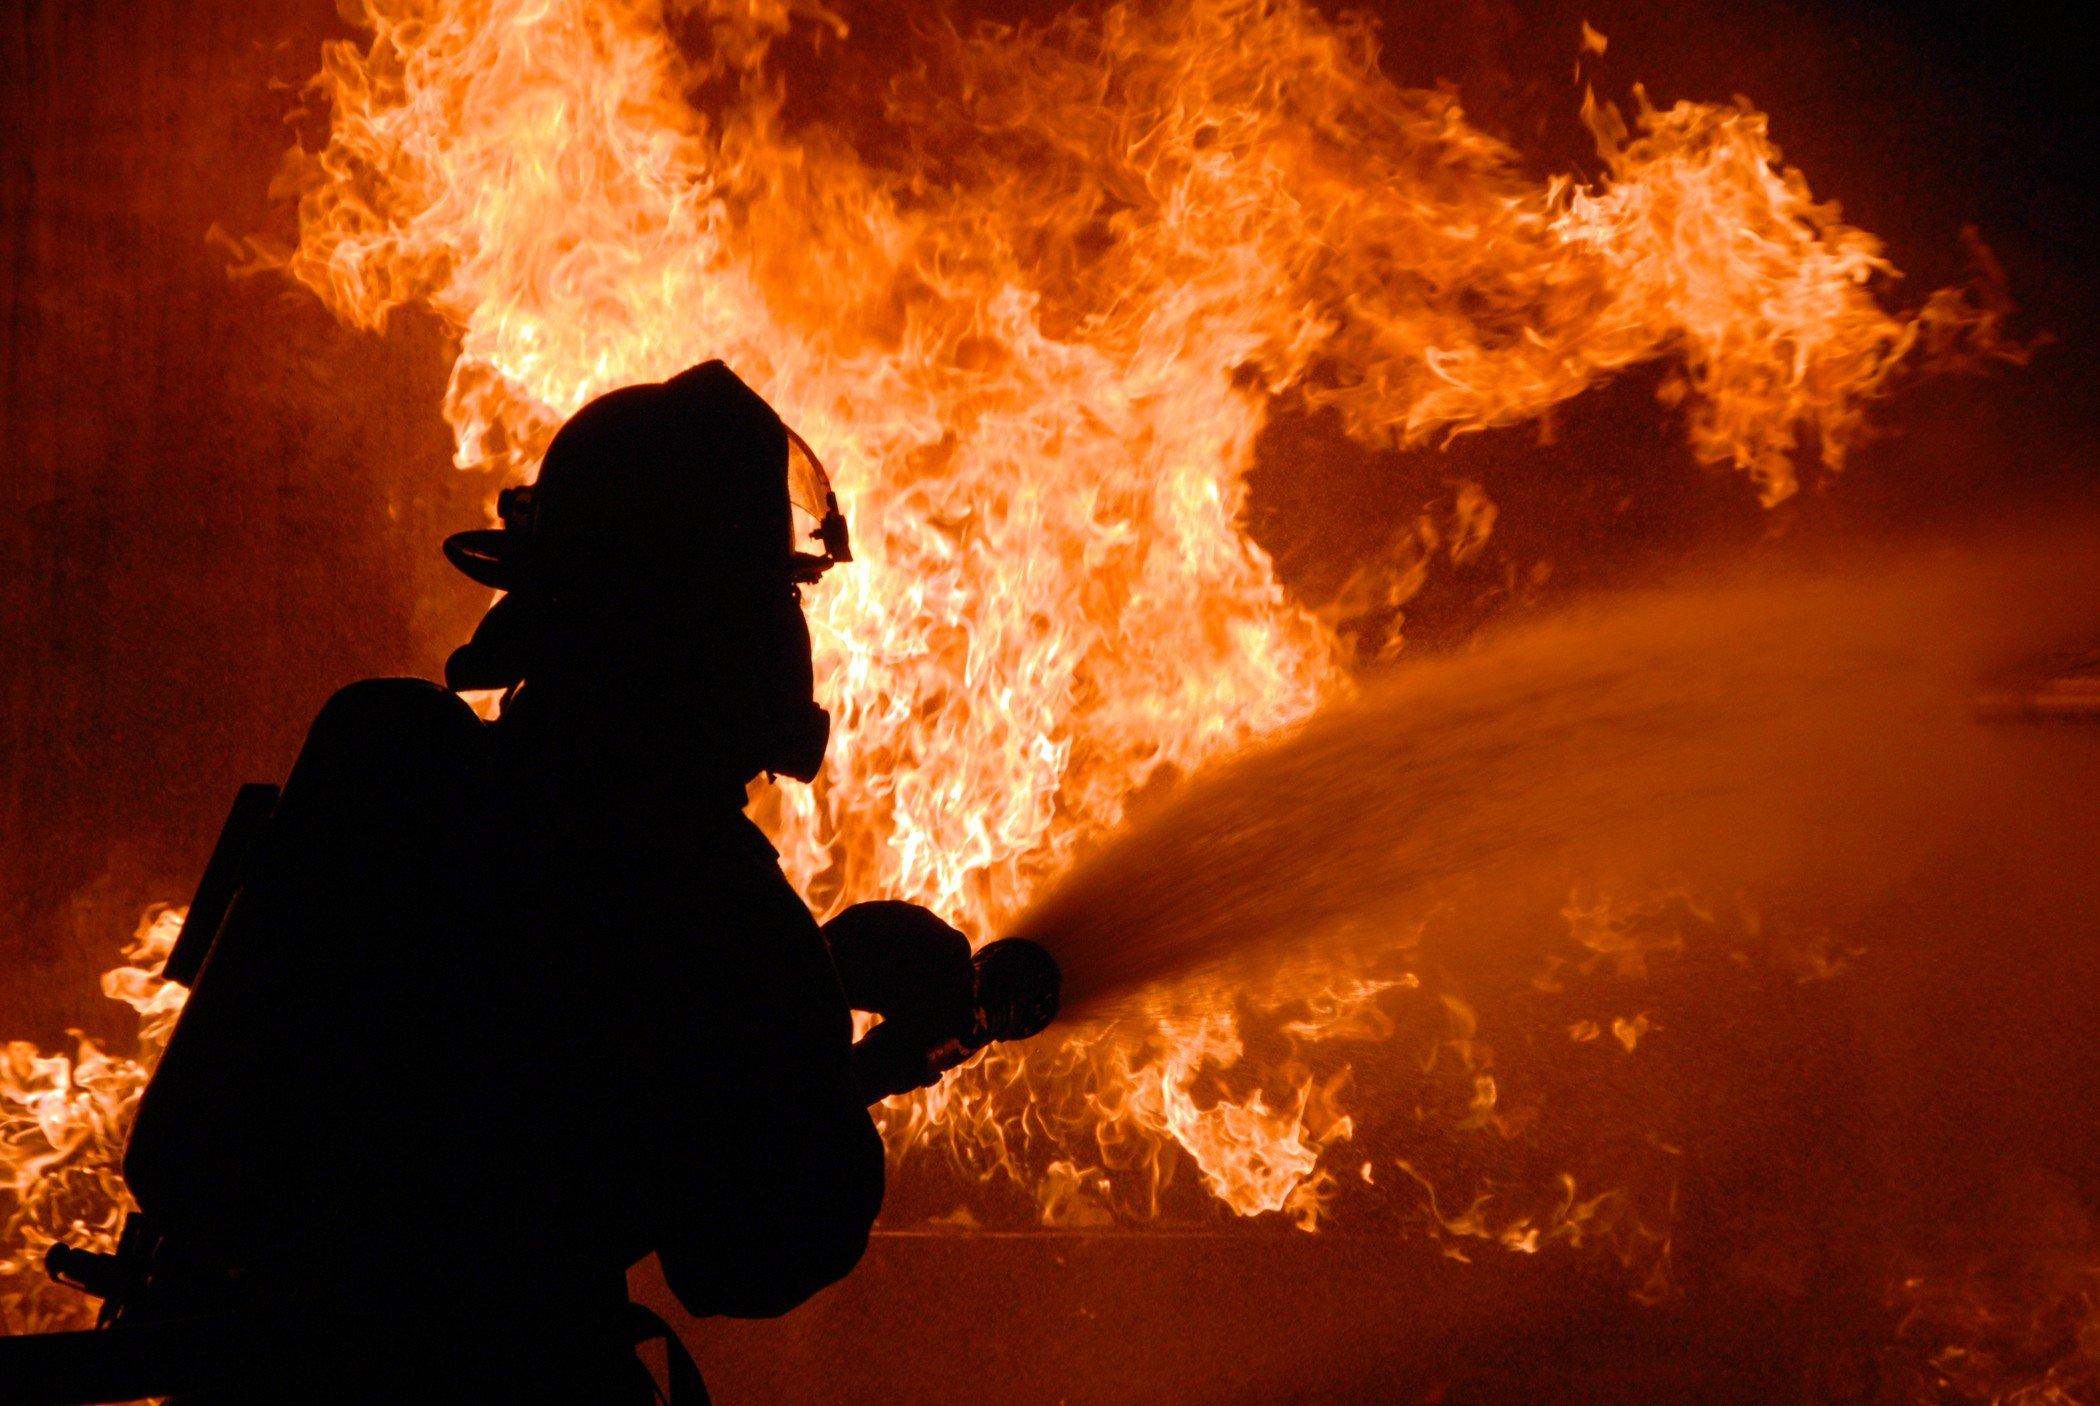 ВПетербурге арестована руководитель  компании, вангаре которой сгорели семеро человек